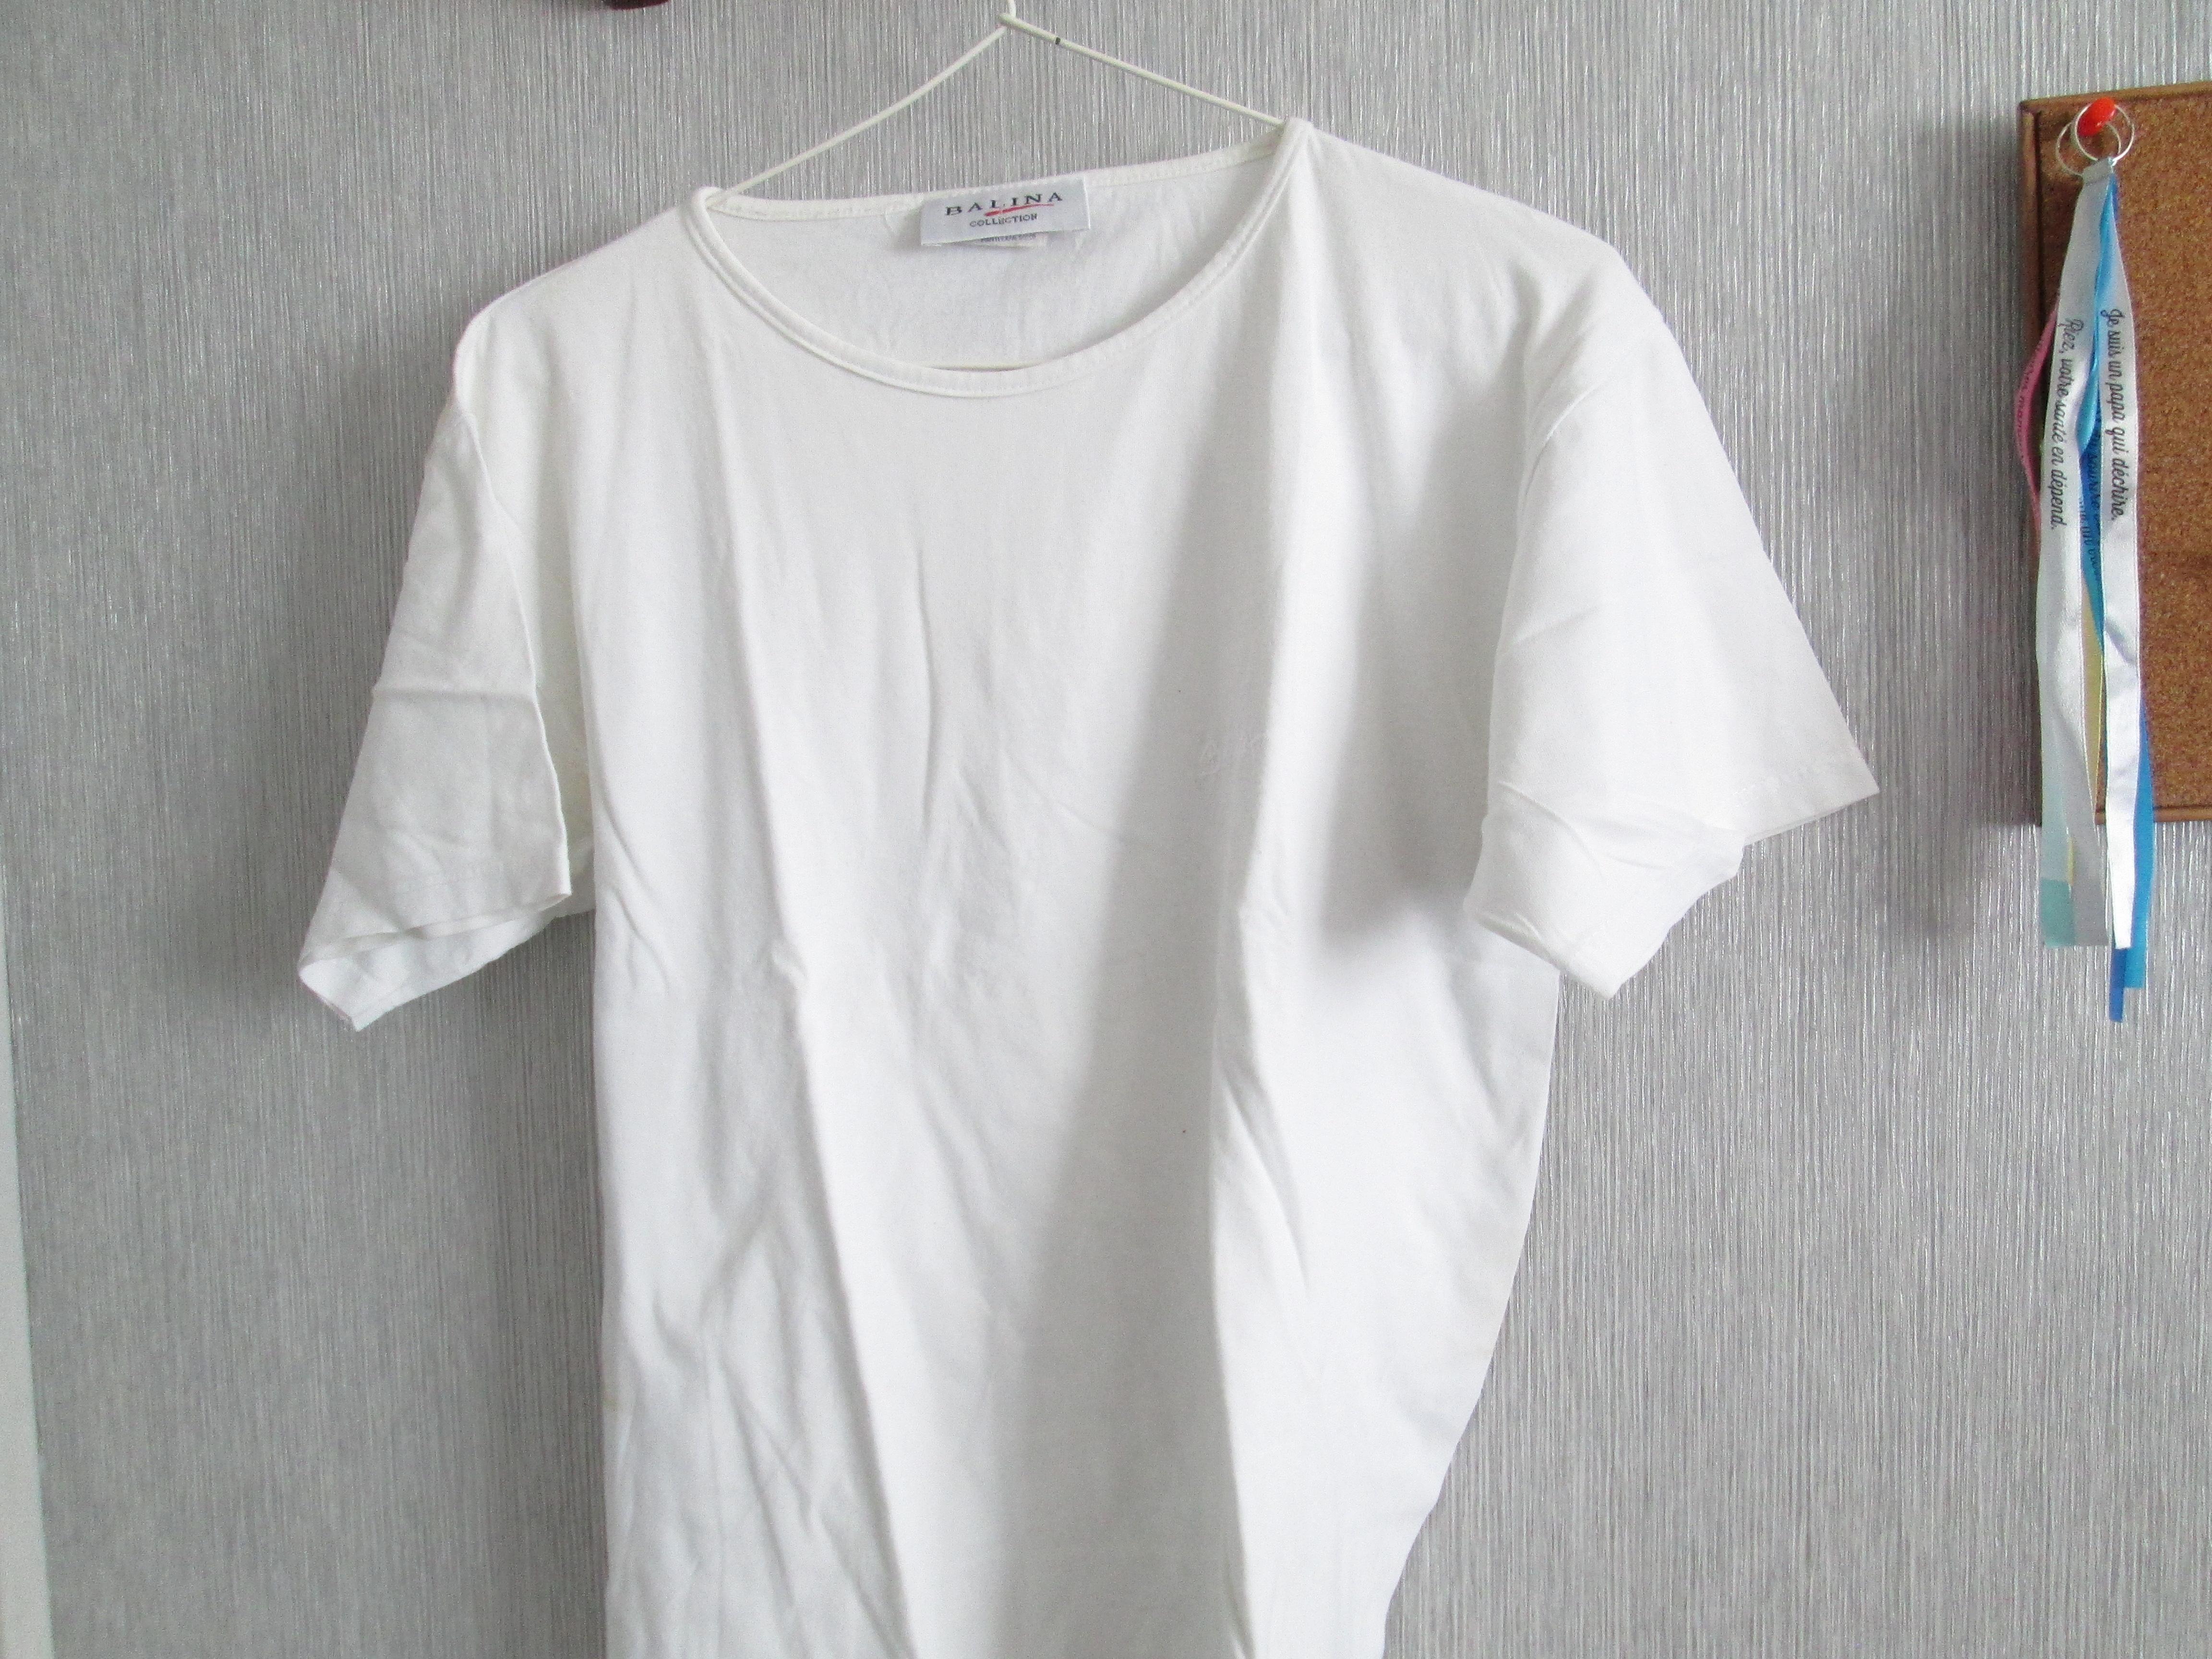 troc de troc tee shirt  blanc    balina taille 38 petit dessin 5 noisettes image 0